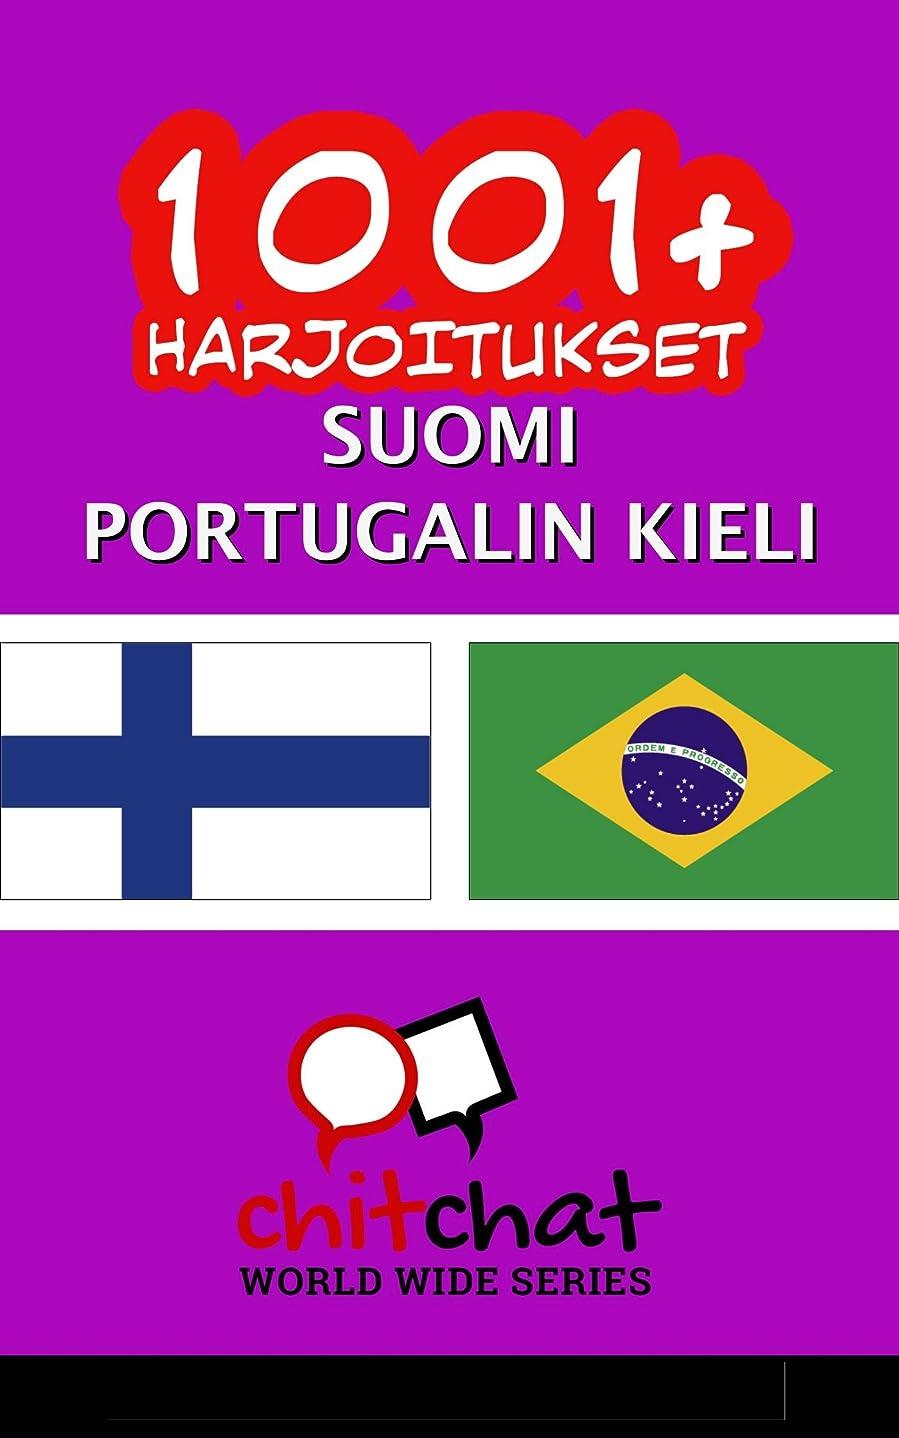 テスピアンつかの間鉄道1001+ harjoitukset suomi - Portugalin kieli (Finnish Edition)